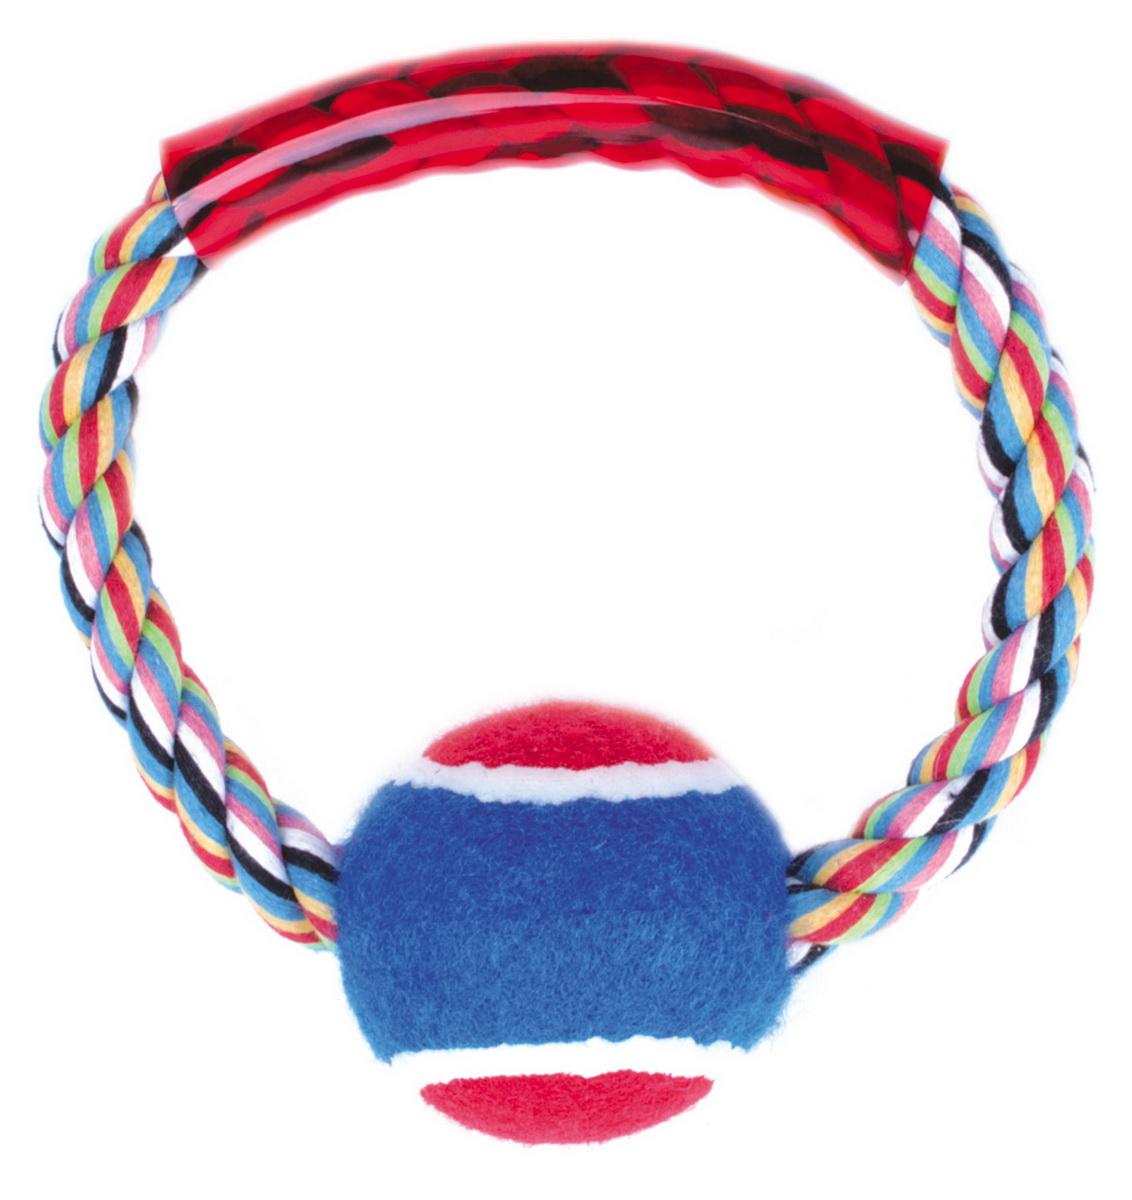 Игрушка для собак Dezzie Кольцо с мячом, 15 см5608068Игрушка для собак Dezzie Кольцо с мячом изготовлена из натуральной хлопковой веревки с мячом. Веревочные игрушки не только увлекательны, но и полезны для здоровья домашних животных. Во время игры питомец тренирует десны и очищает свои зубы от камня. Размер игрушки: 15 см.